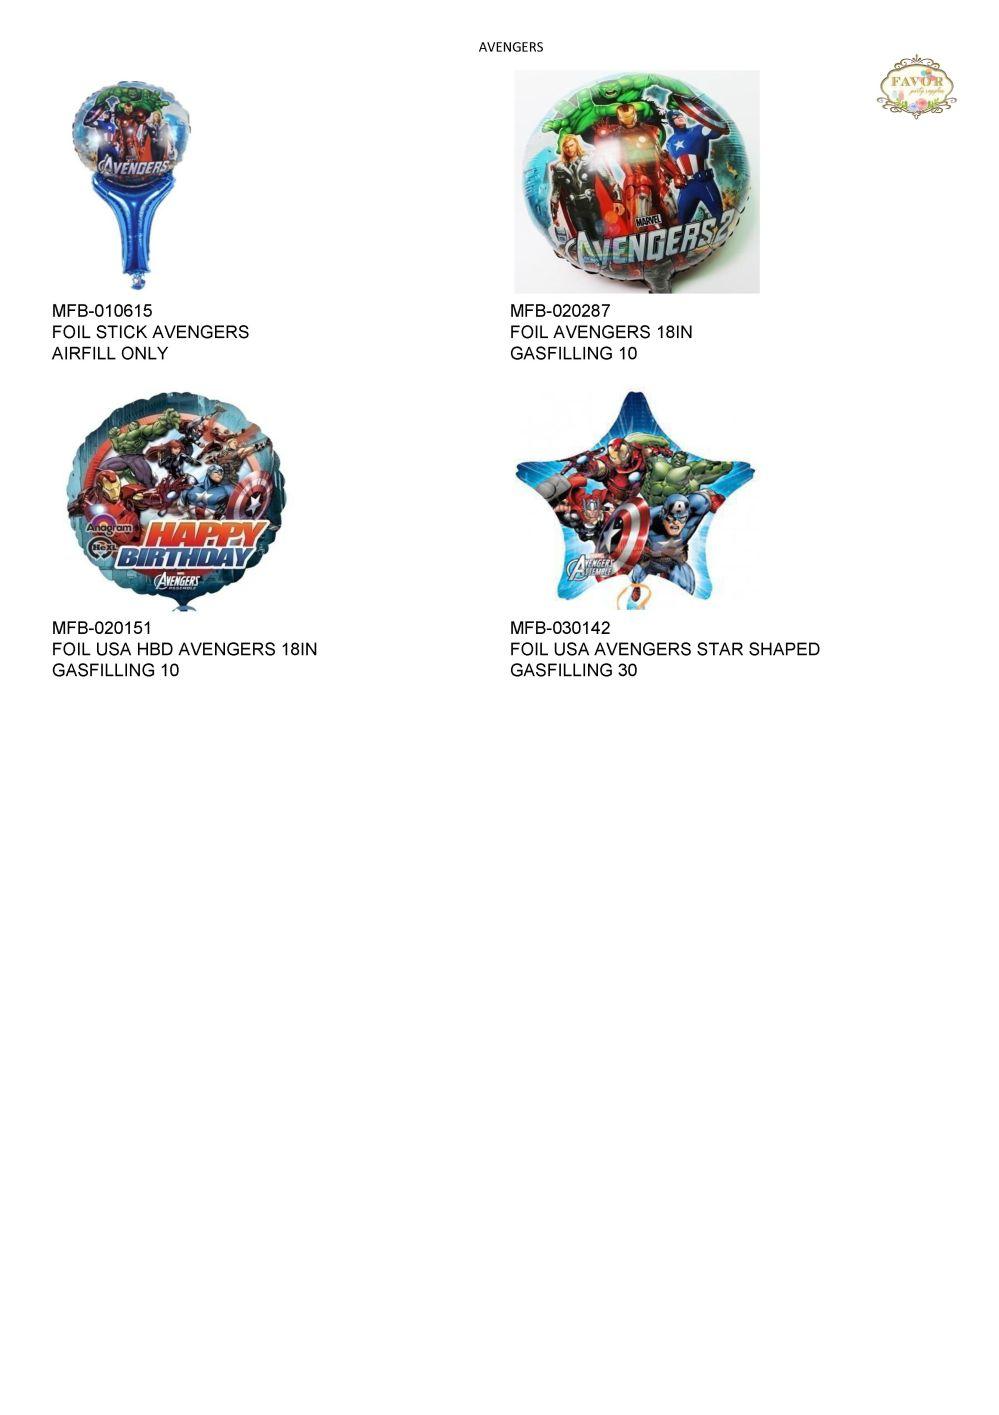 katalog-avengers